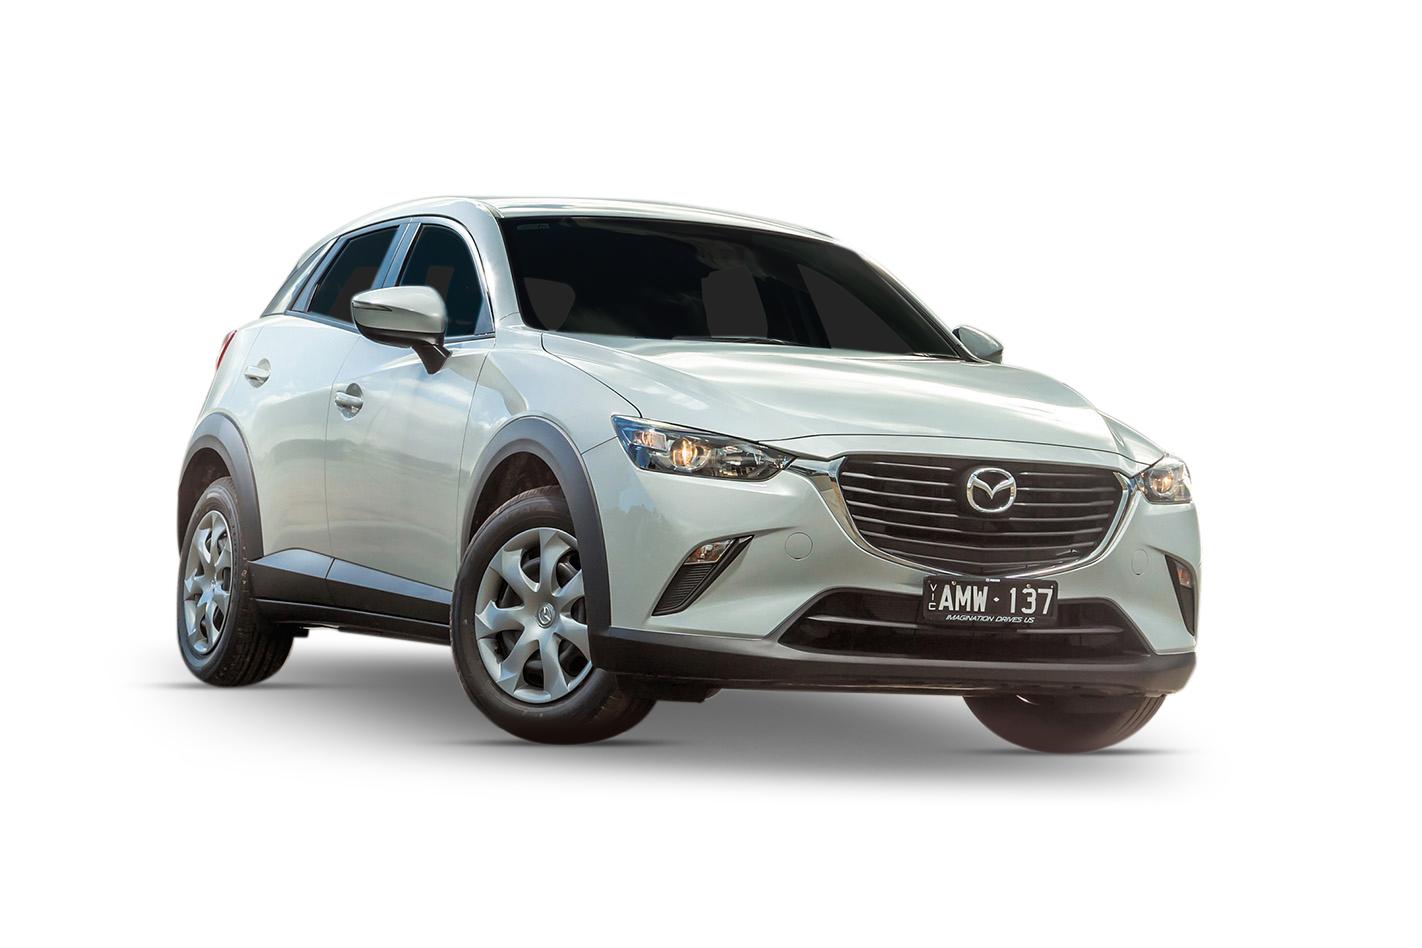 2018 Mazda Cx 3 Neo Fwd 2 0l 4cyl Petrol Automatic Suv